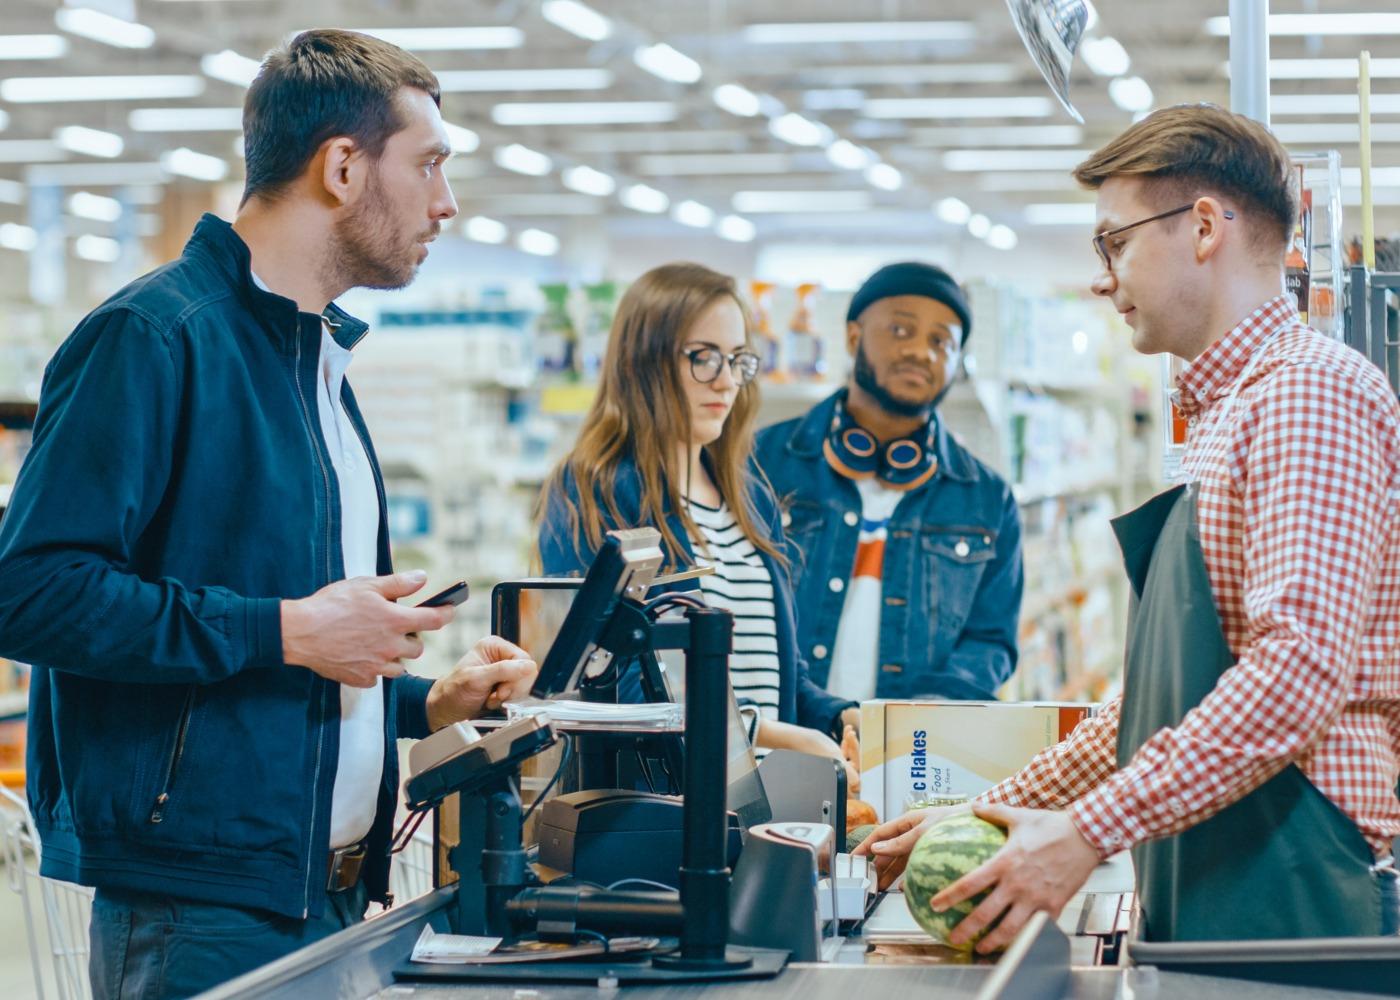 empregado no supermercado a passar compras dos clientes na caixa